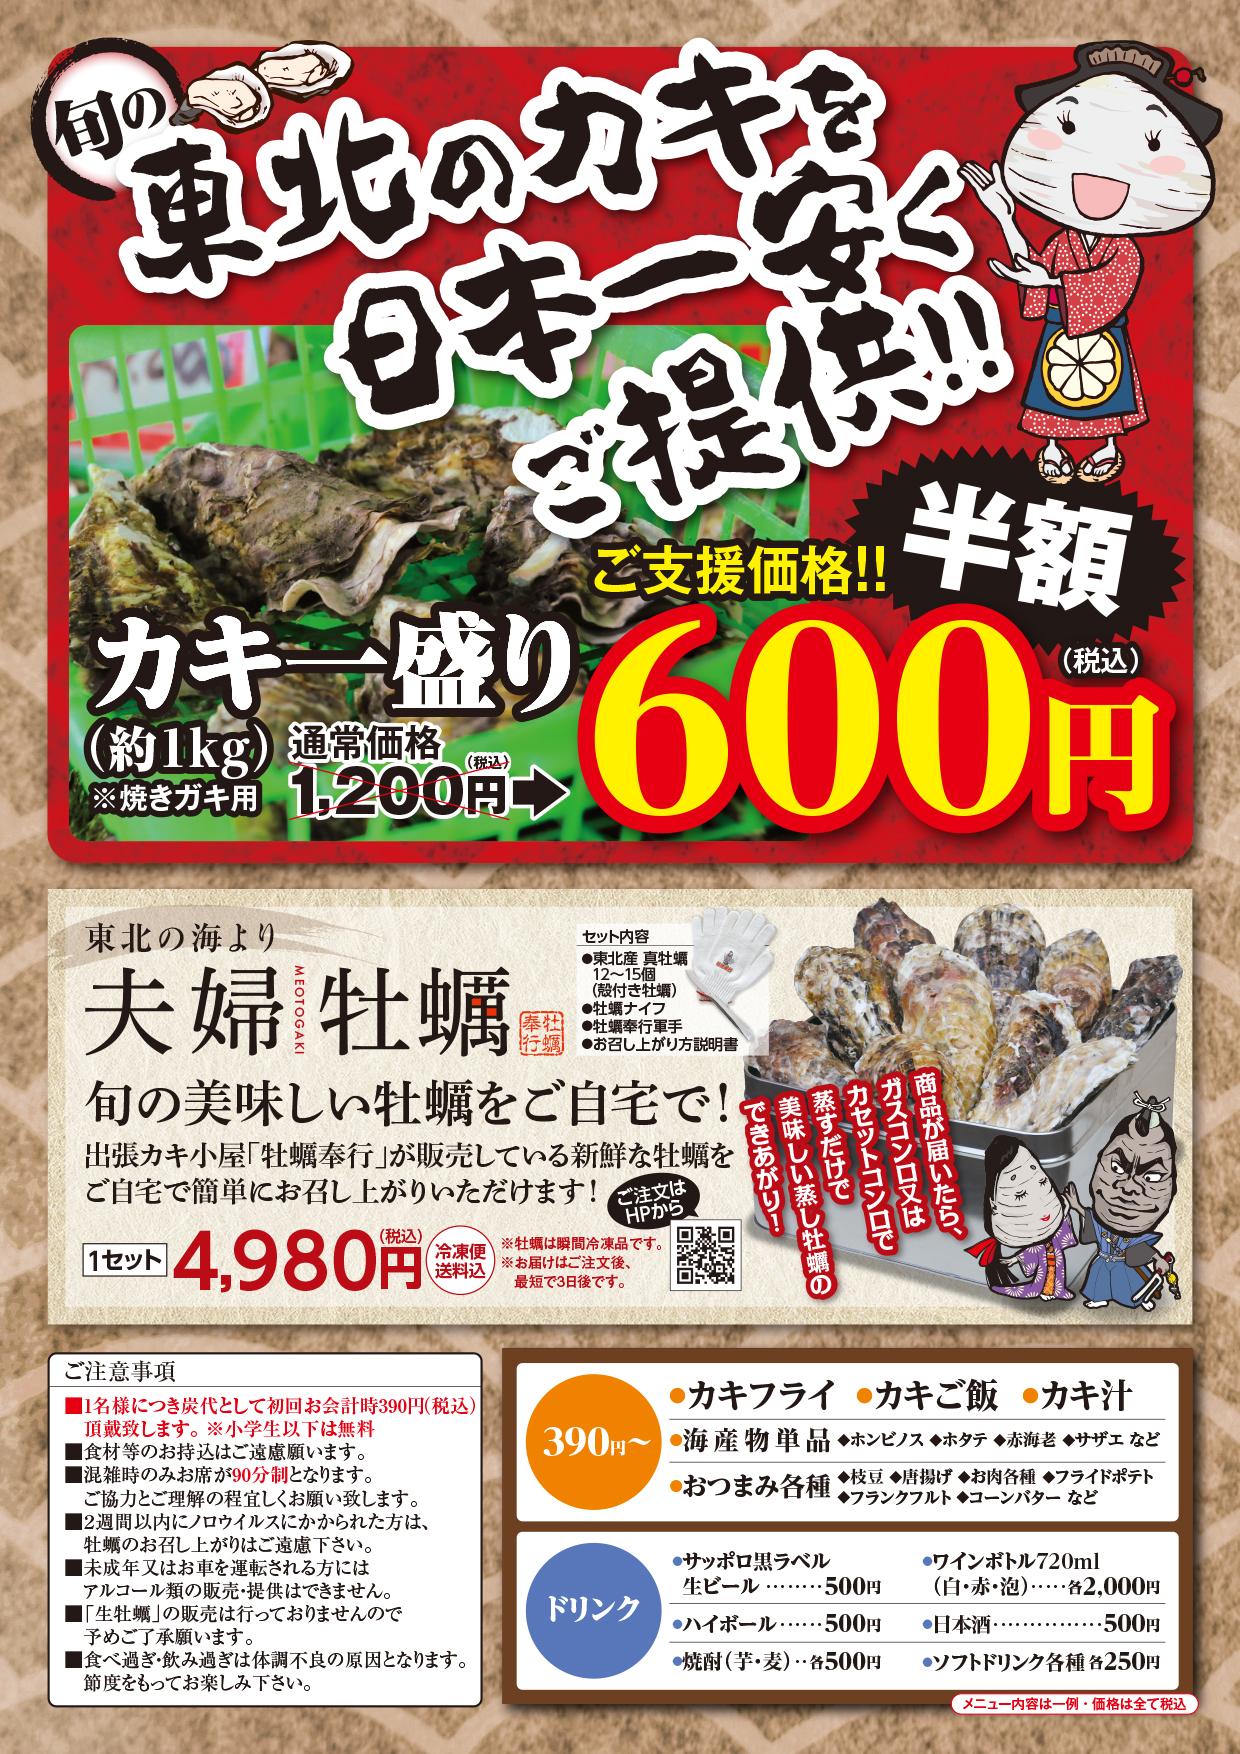 出張カキ小屋「牡蠣奉行」 in 武生中央公園 多目的広場 チラシ裏面